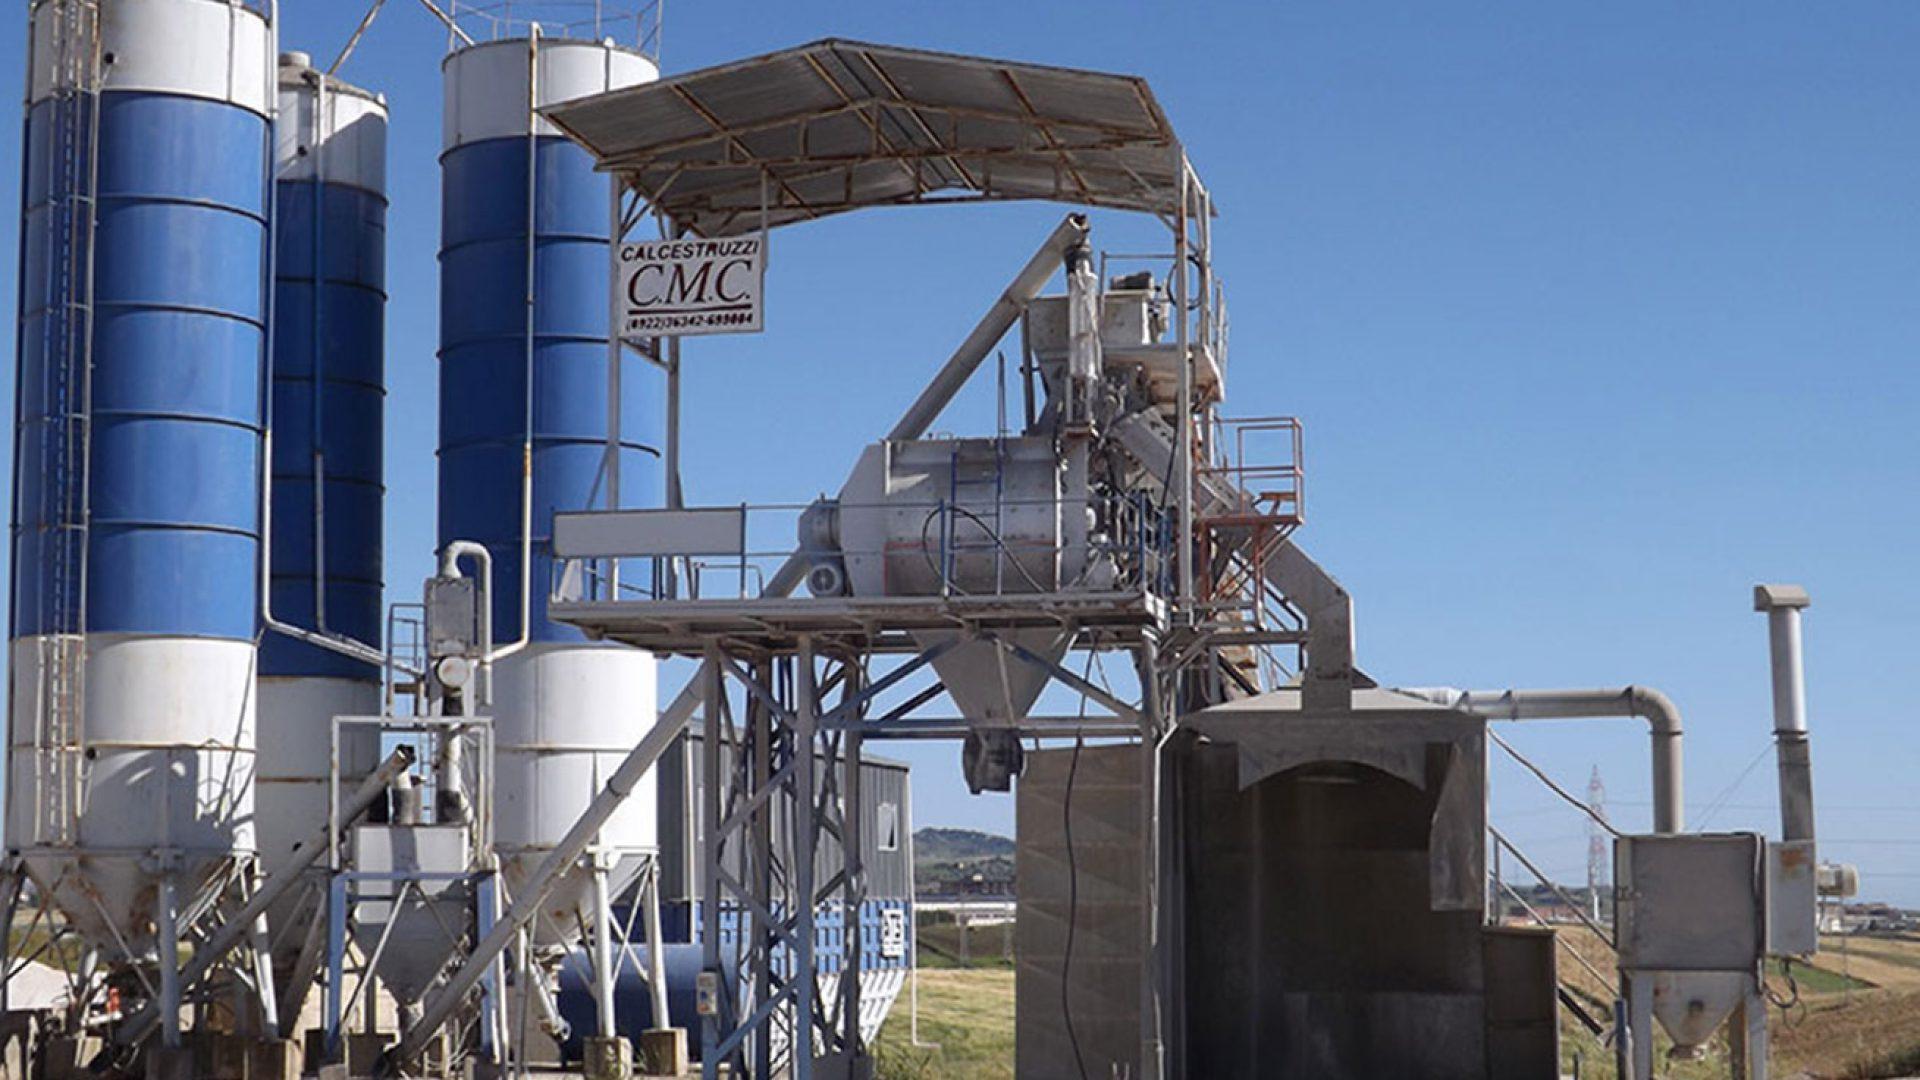 Calcestruzzo Stampato Sicilia : Impianto di calcestruzzo cmc cipolla aragona agrigento